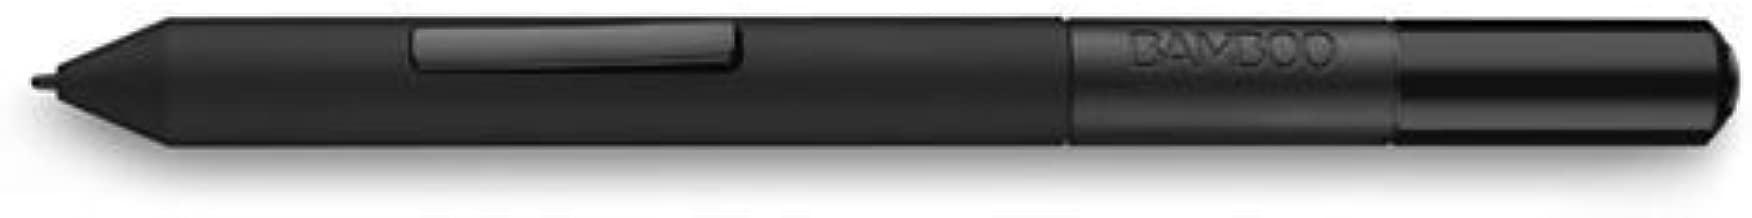 Wacom Bamboo Pen Black